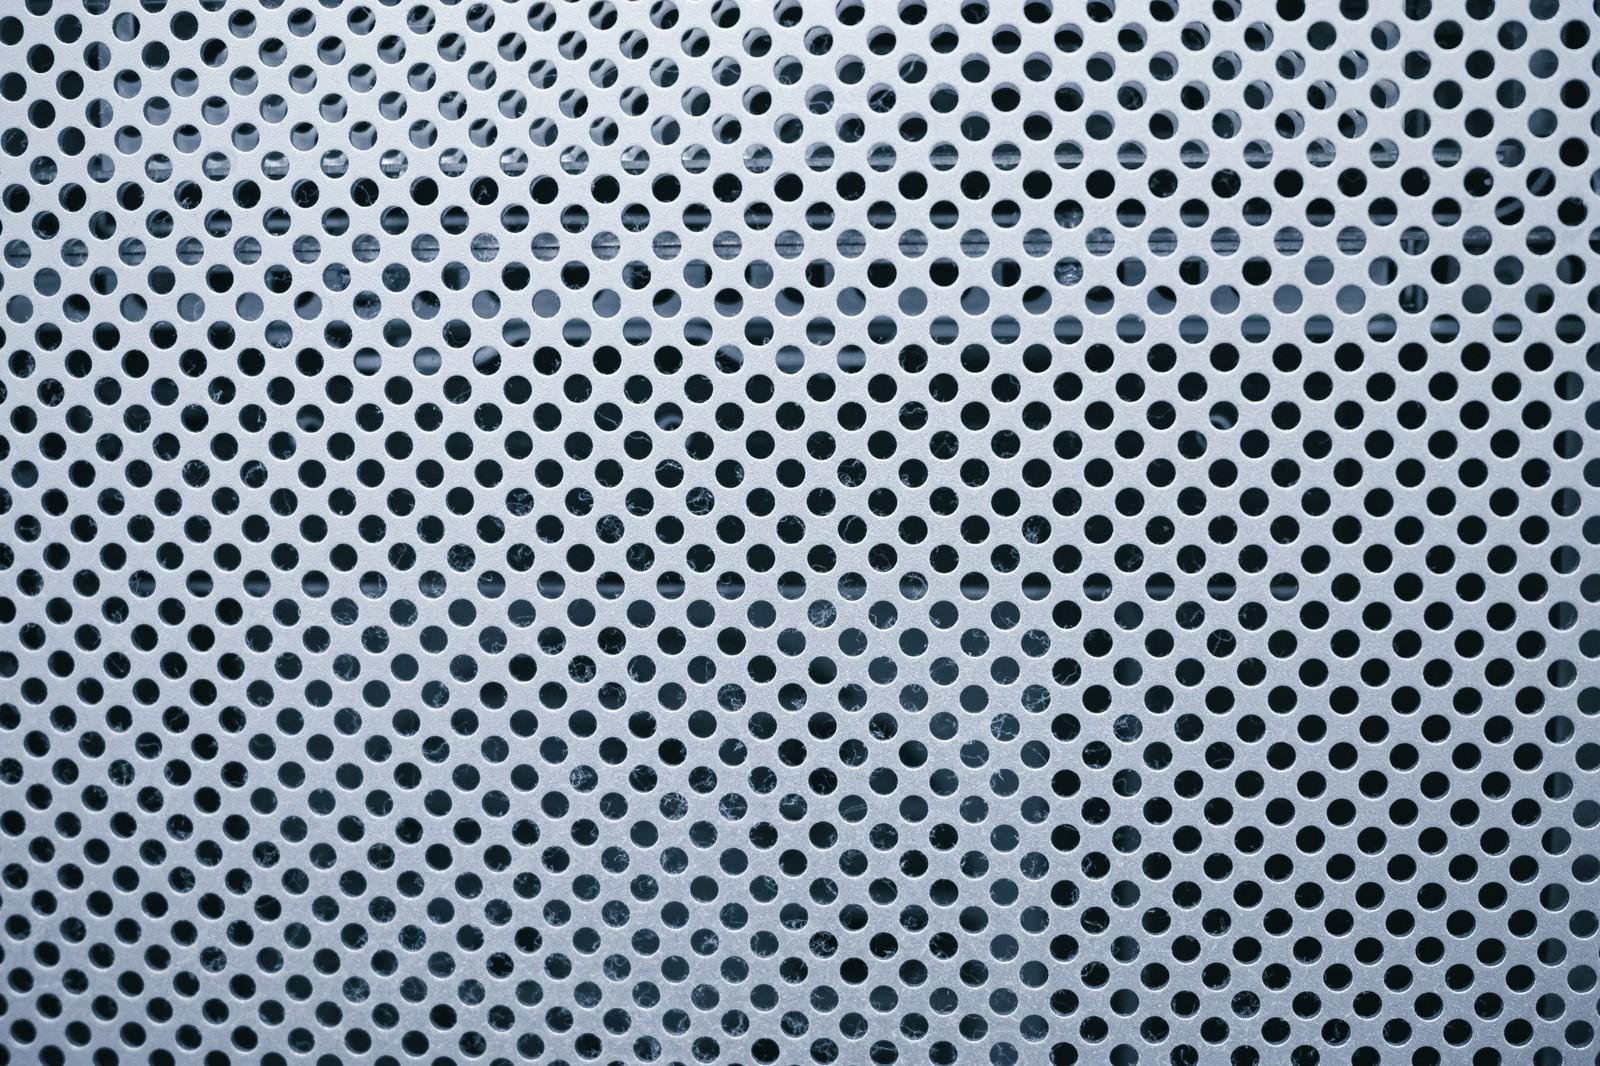 「丸い穴がいくつも空いたステンレス板(テクスチャ)」の写真